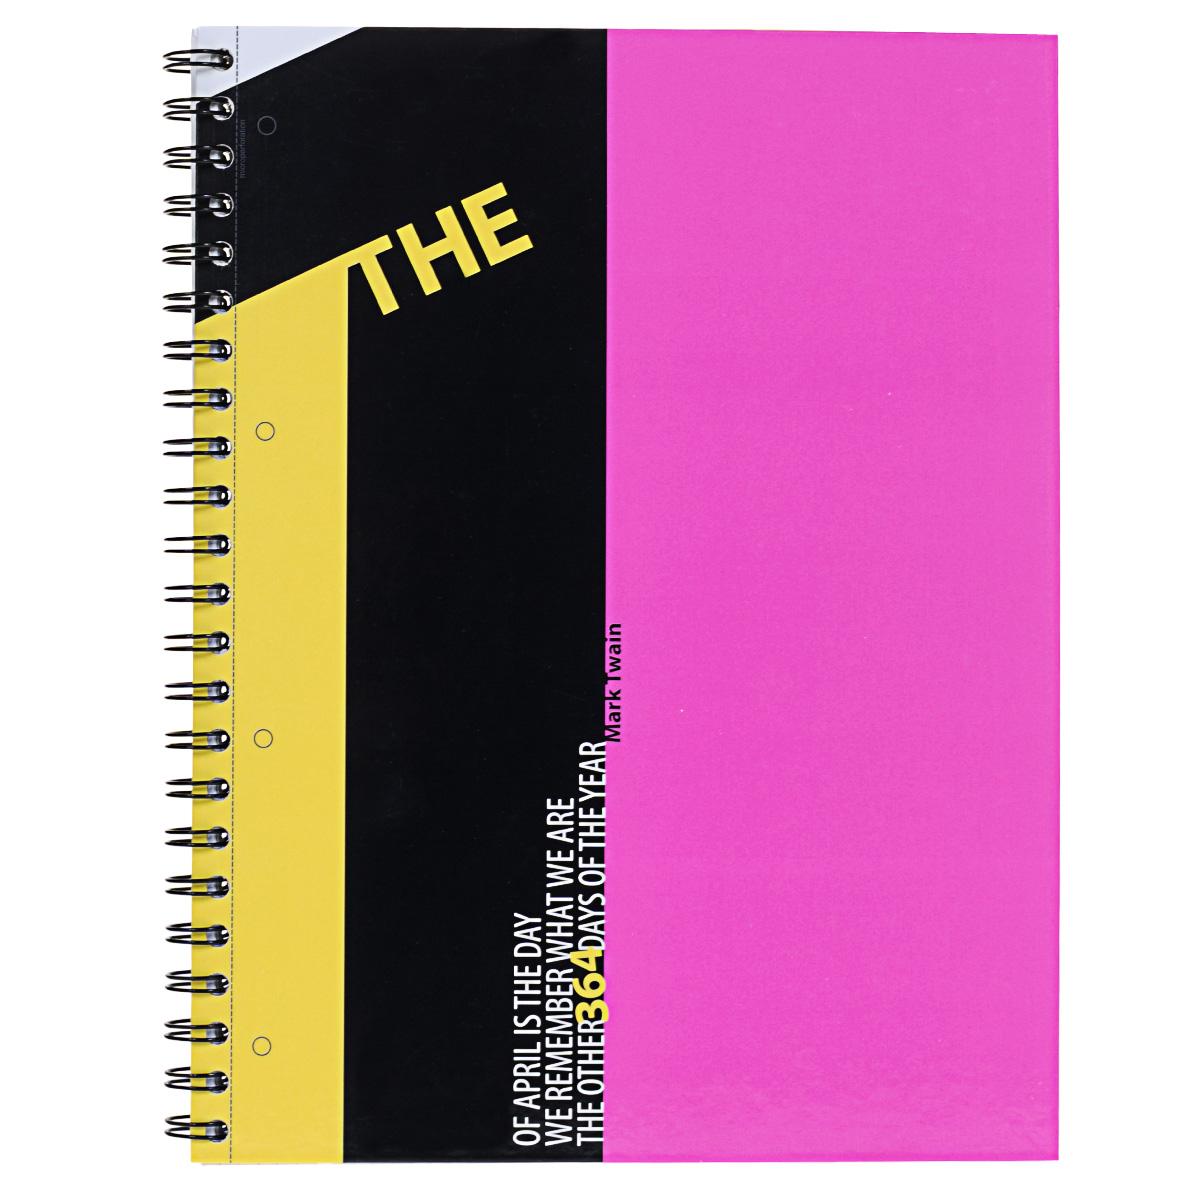 Тетрадь на спирали, 120л Муранское стекло,УФ-лак , розовая (один)72523WDтетрадь на спирали,120л Муранское стекло, УФ-лак ,розовая (один)